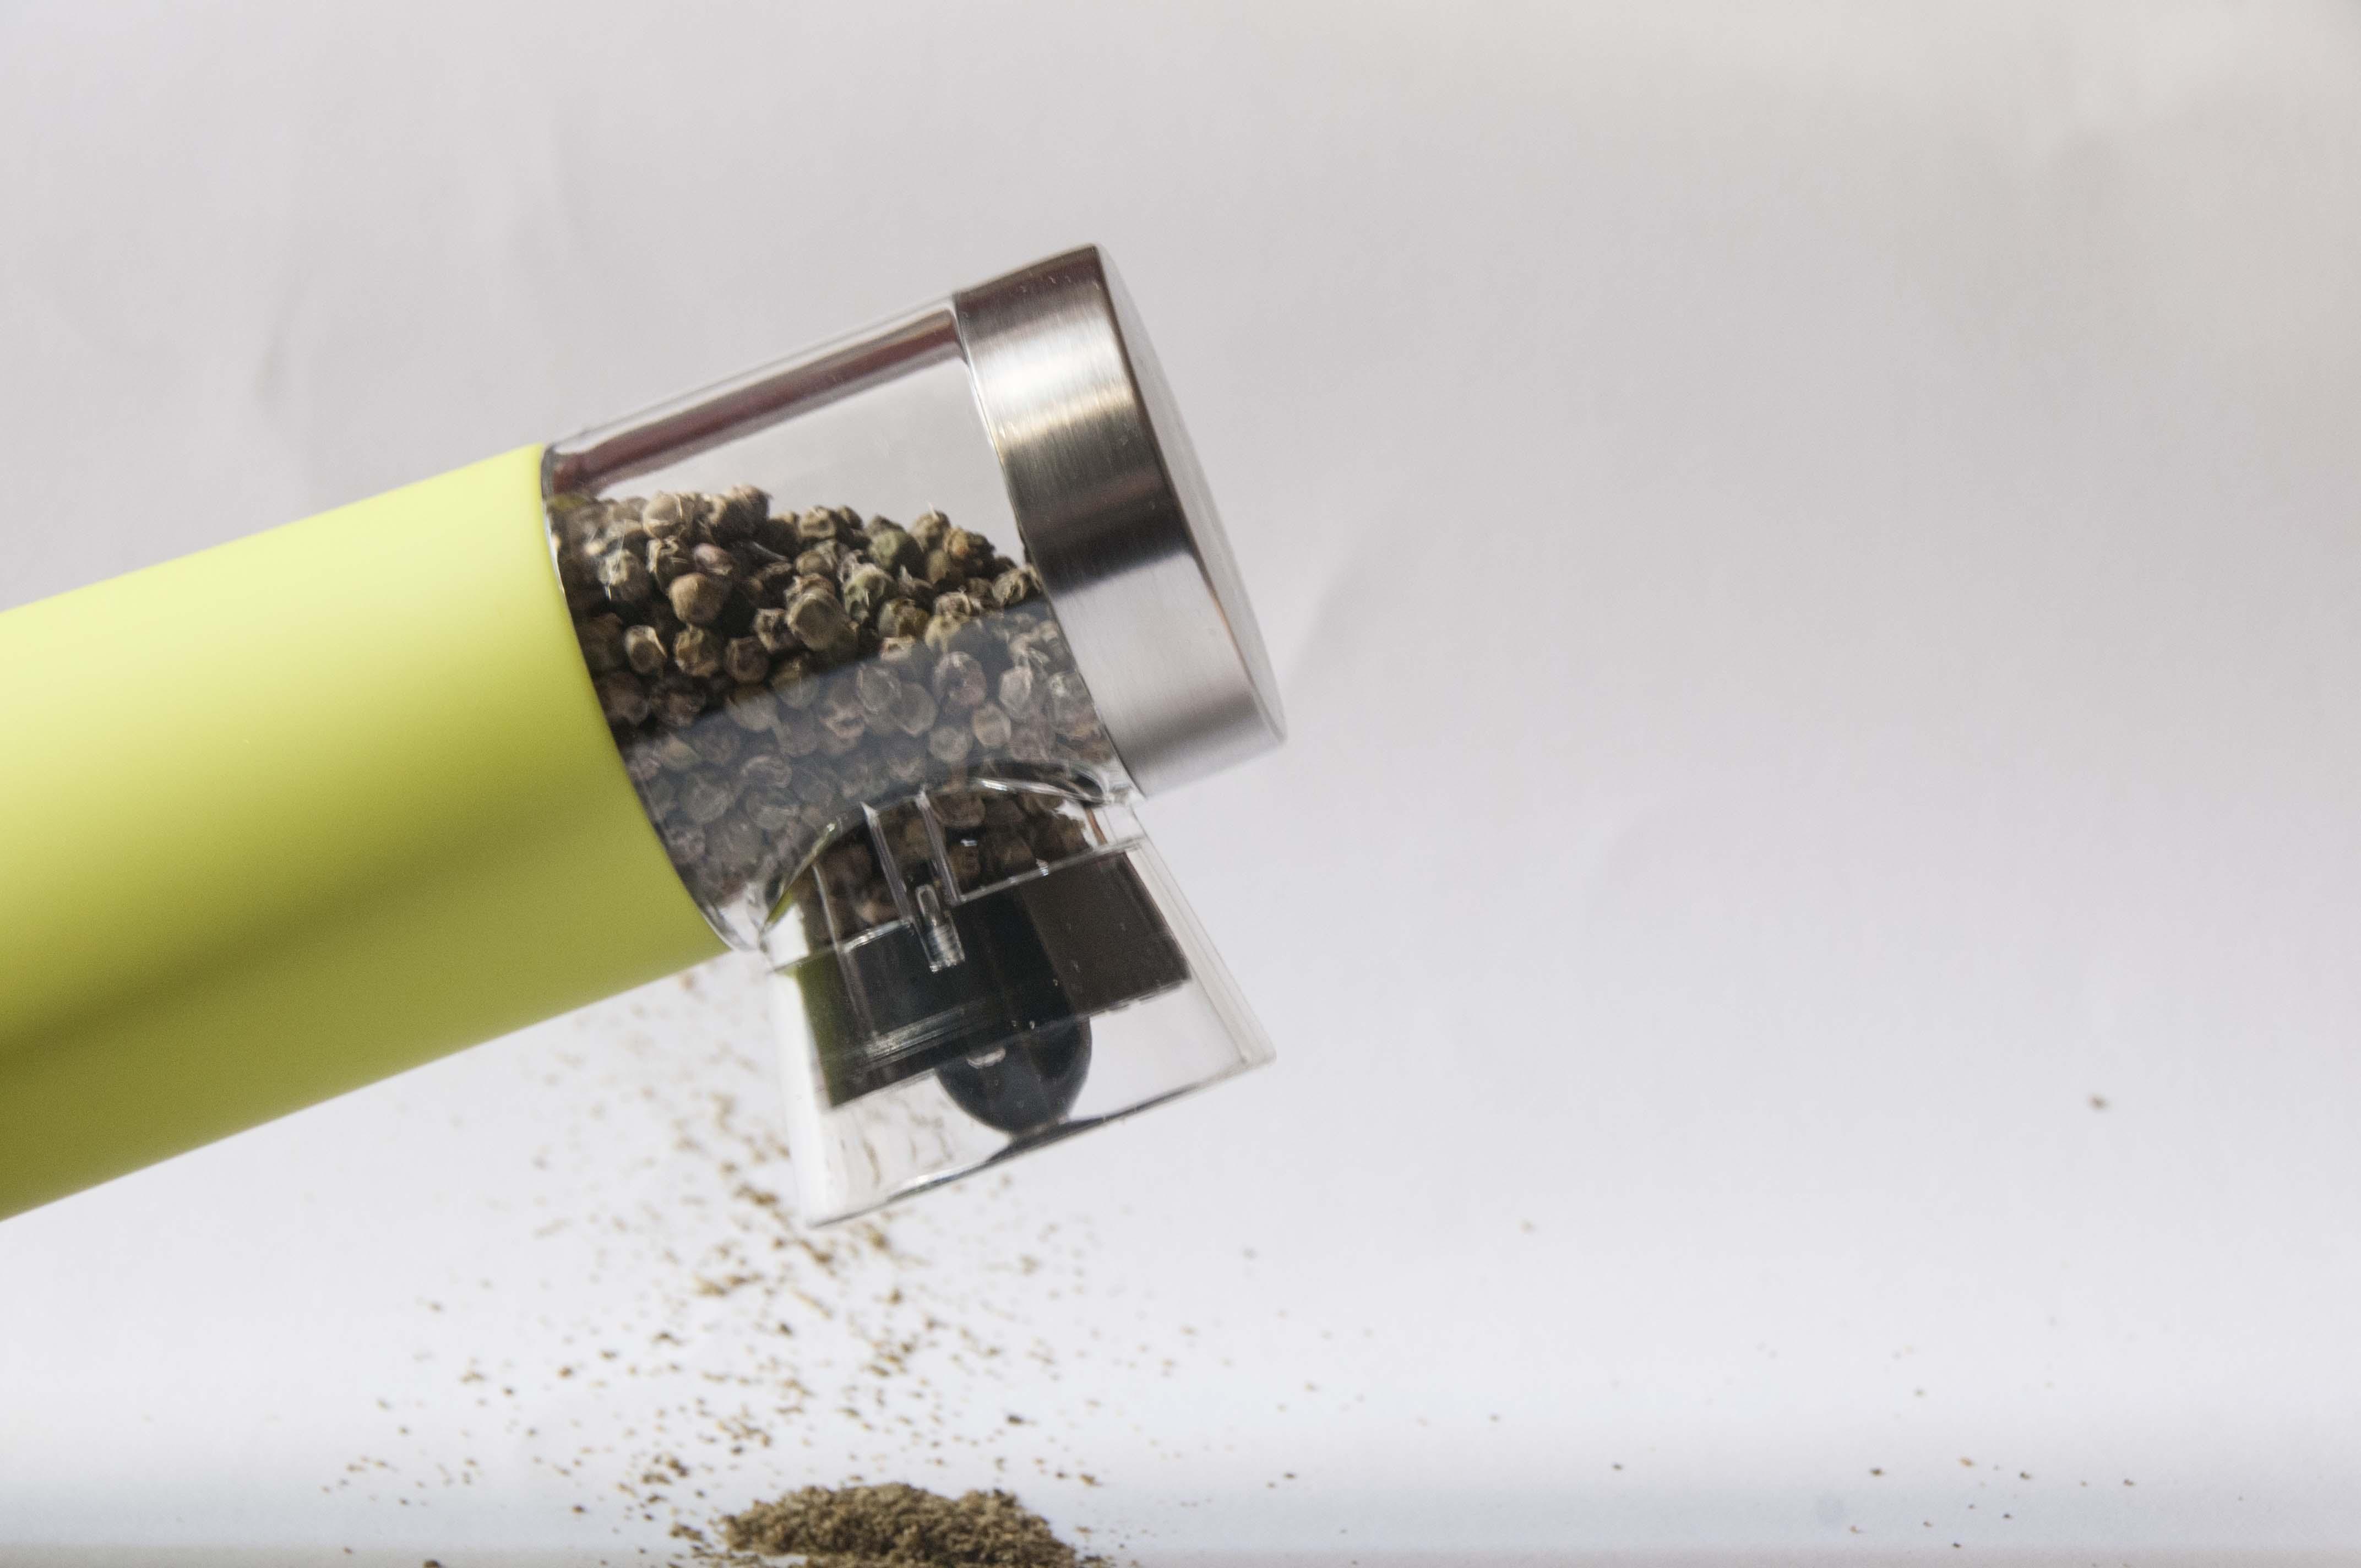 Macinapepe automatico gommato acciaio inox